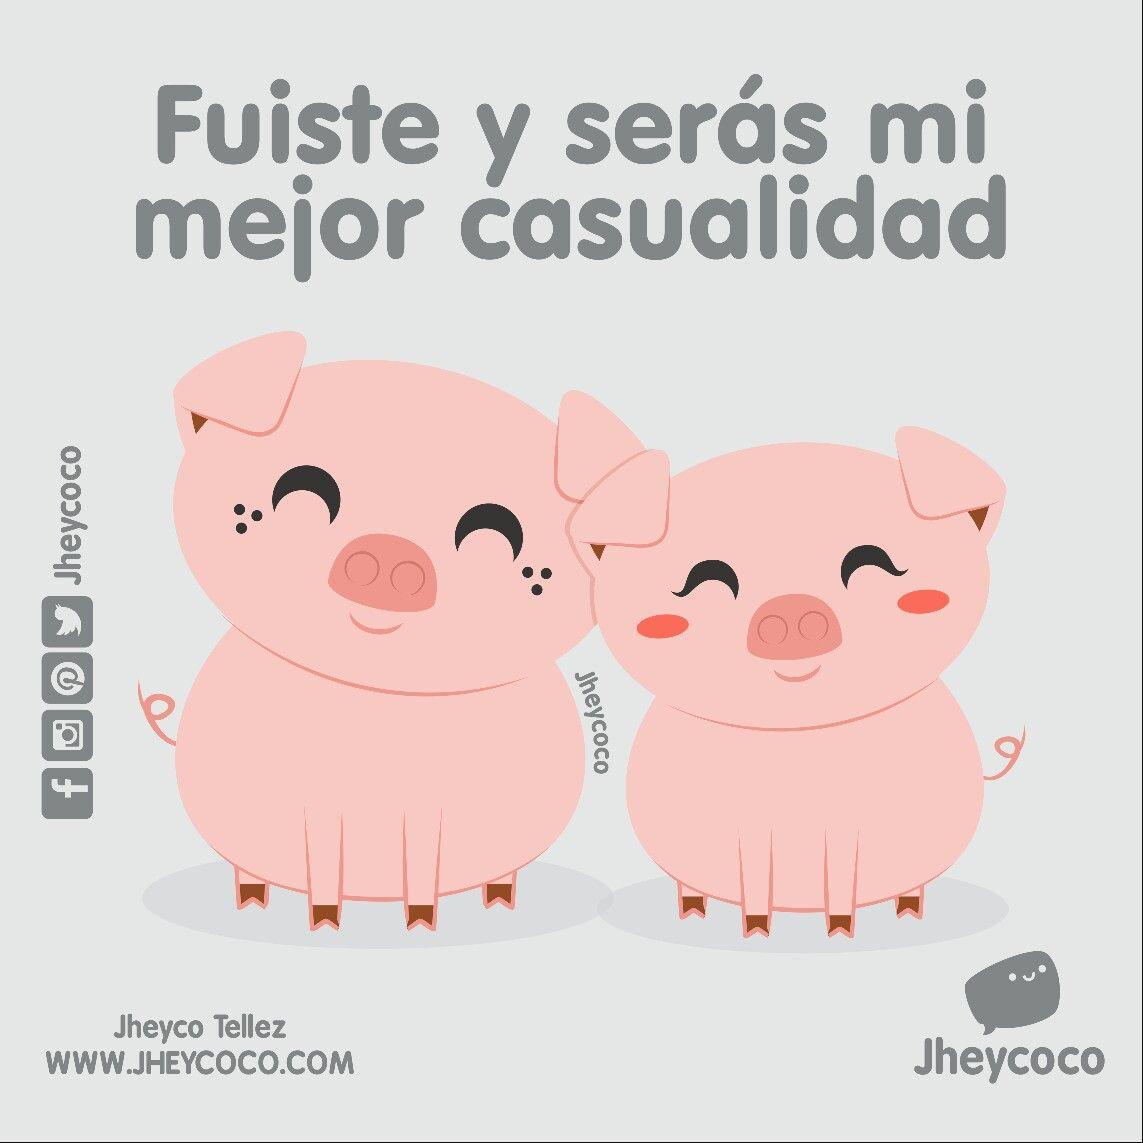 Jheycoco Humor Cute Ilustracion Kawai Tierno Kawaii